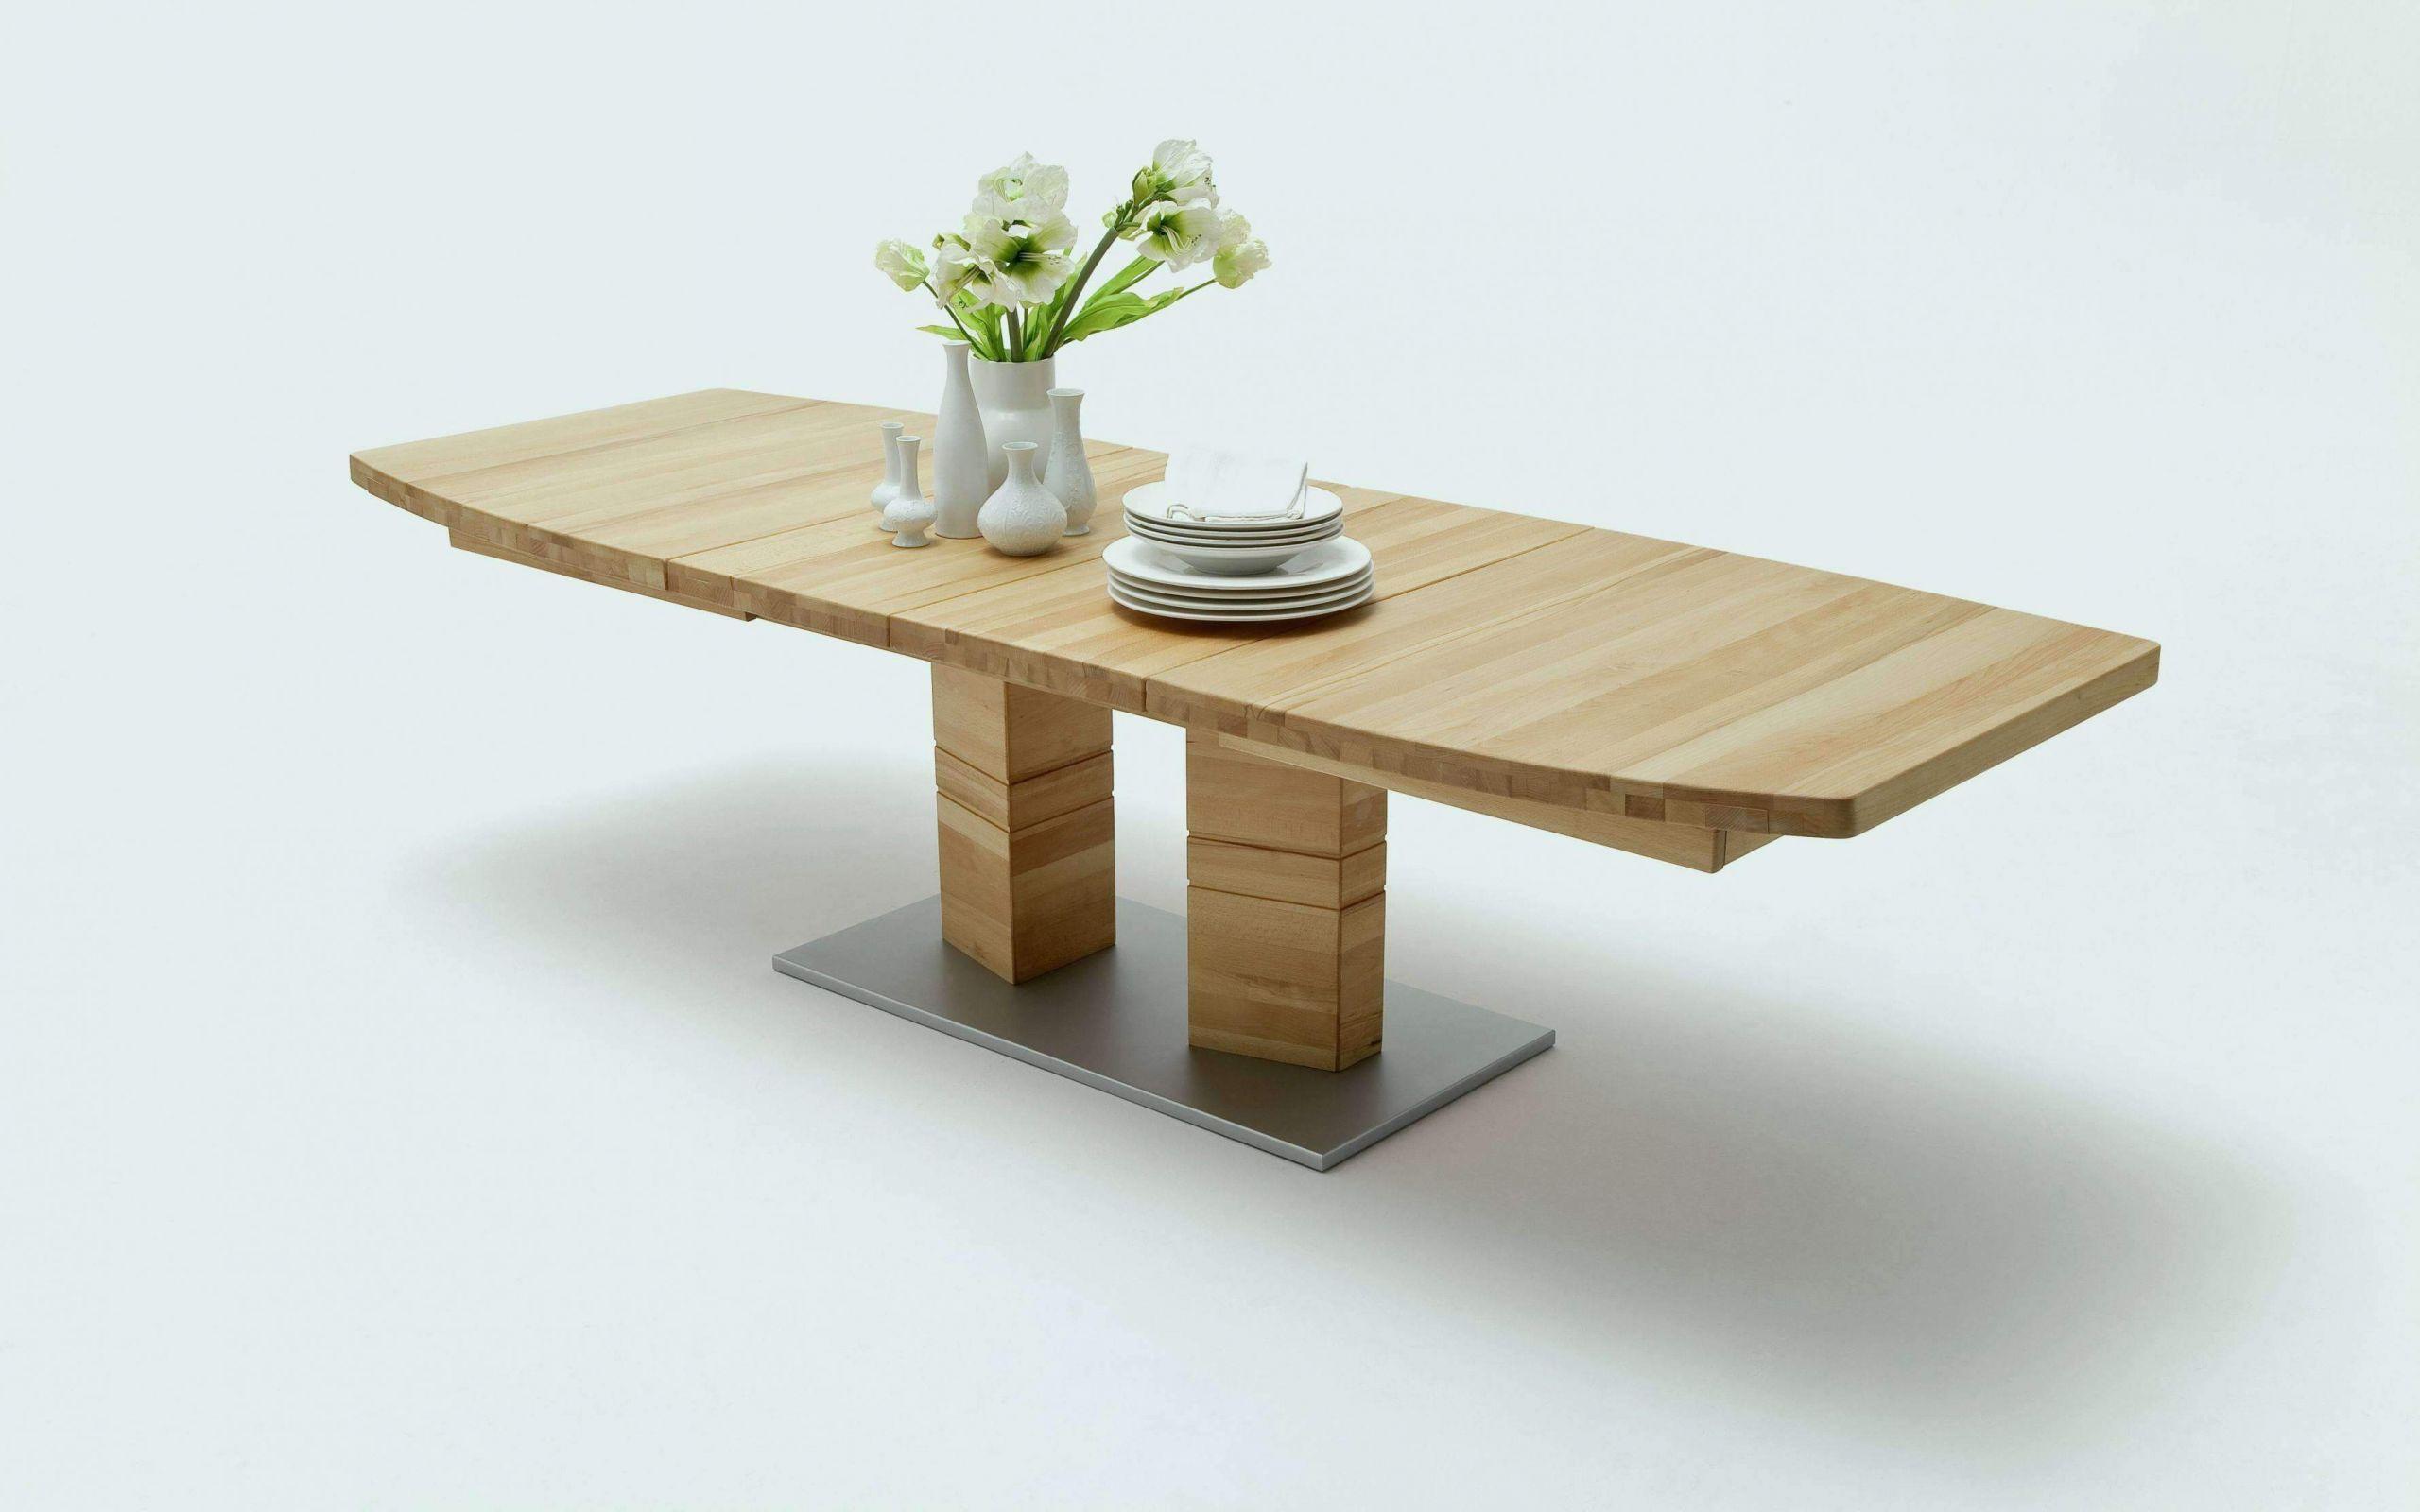 Full Size of Ikea Tische Wohnzimmer Einzigartig Holztisch Küche Kosten Miniküche Kaufen Sofa Mit Schlaffunktion Betten 160x200 Modulküche Bei Wohnzimmer Ikea Gartentisch